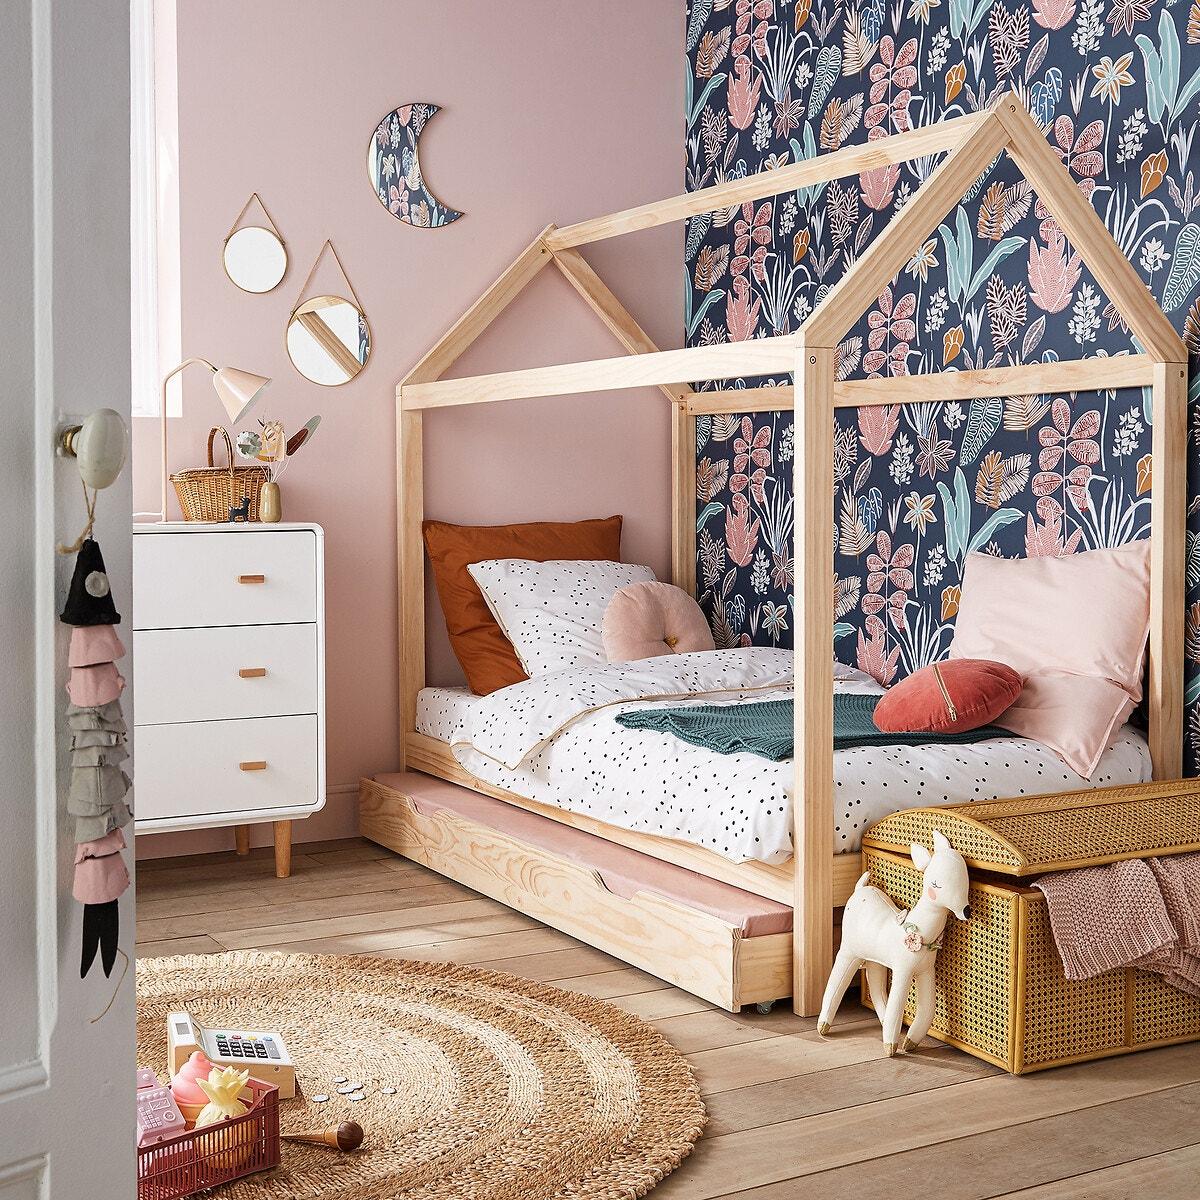 Lit cabane fille avec papier peint à fleurs